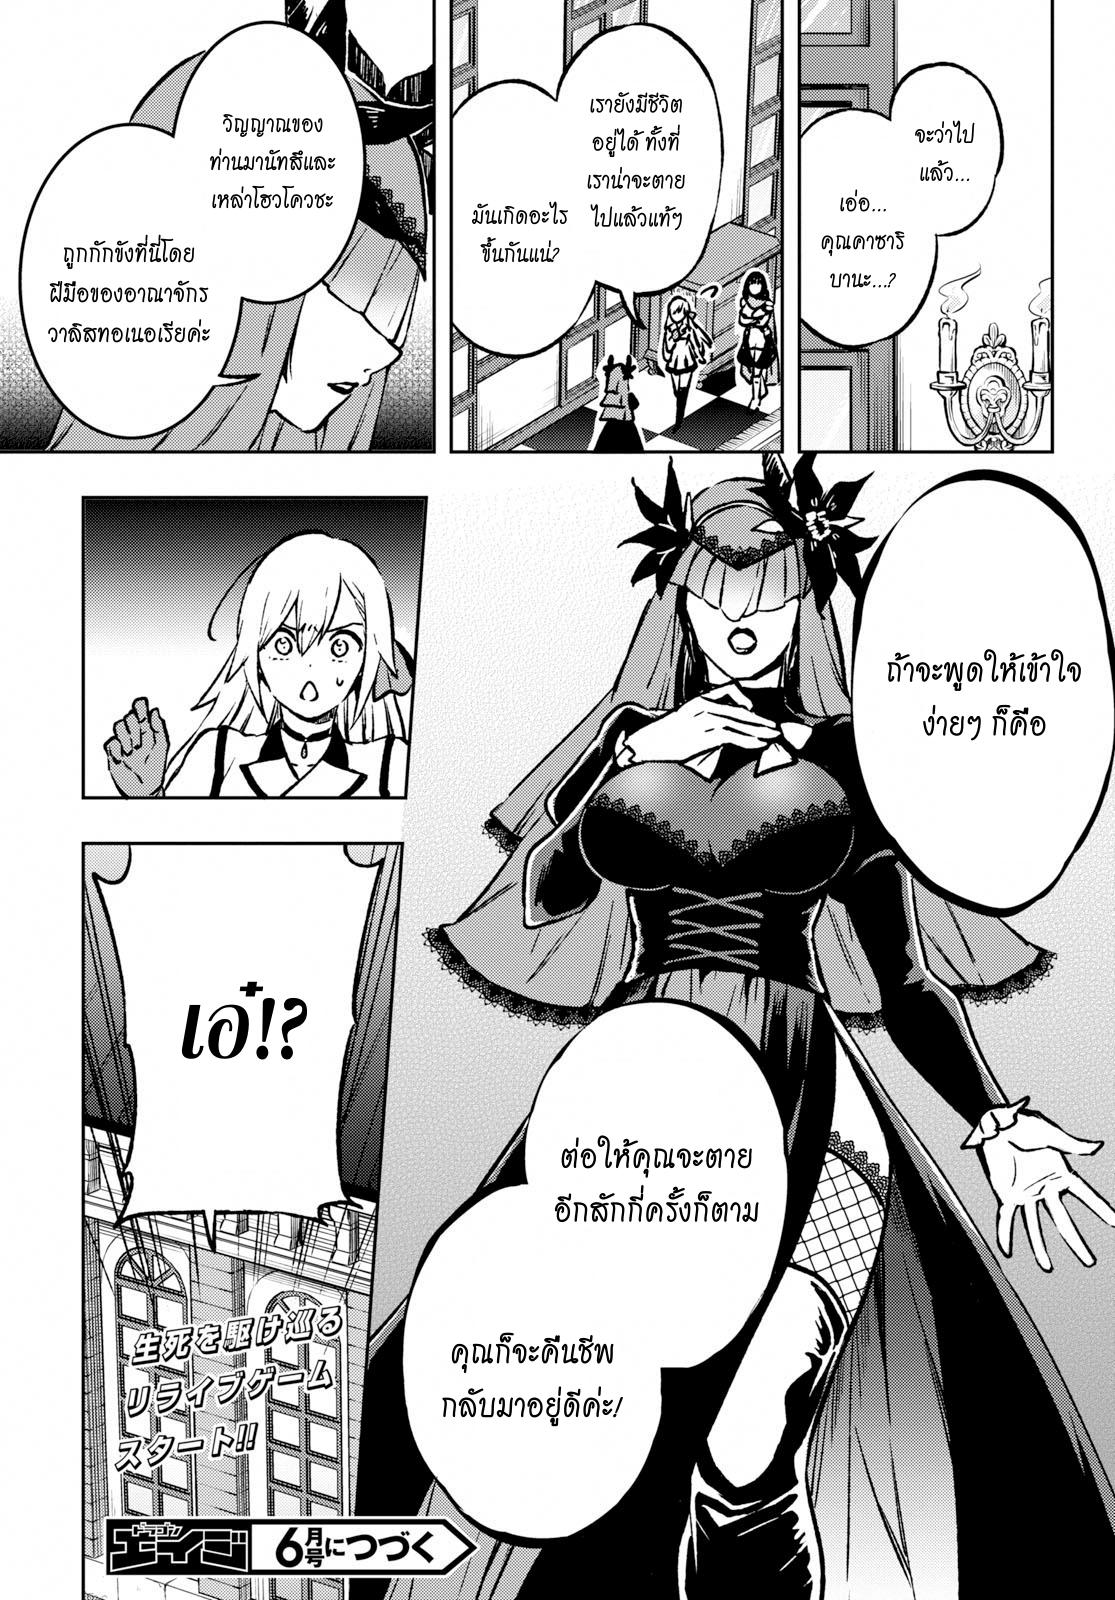 อ่านการ์ตูน Samayoeru Tensei-sha-tachi no Revival Game ตอนที่ 1.3 หน้าที่ 24